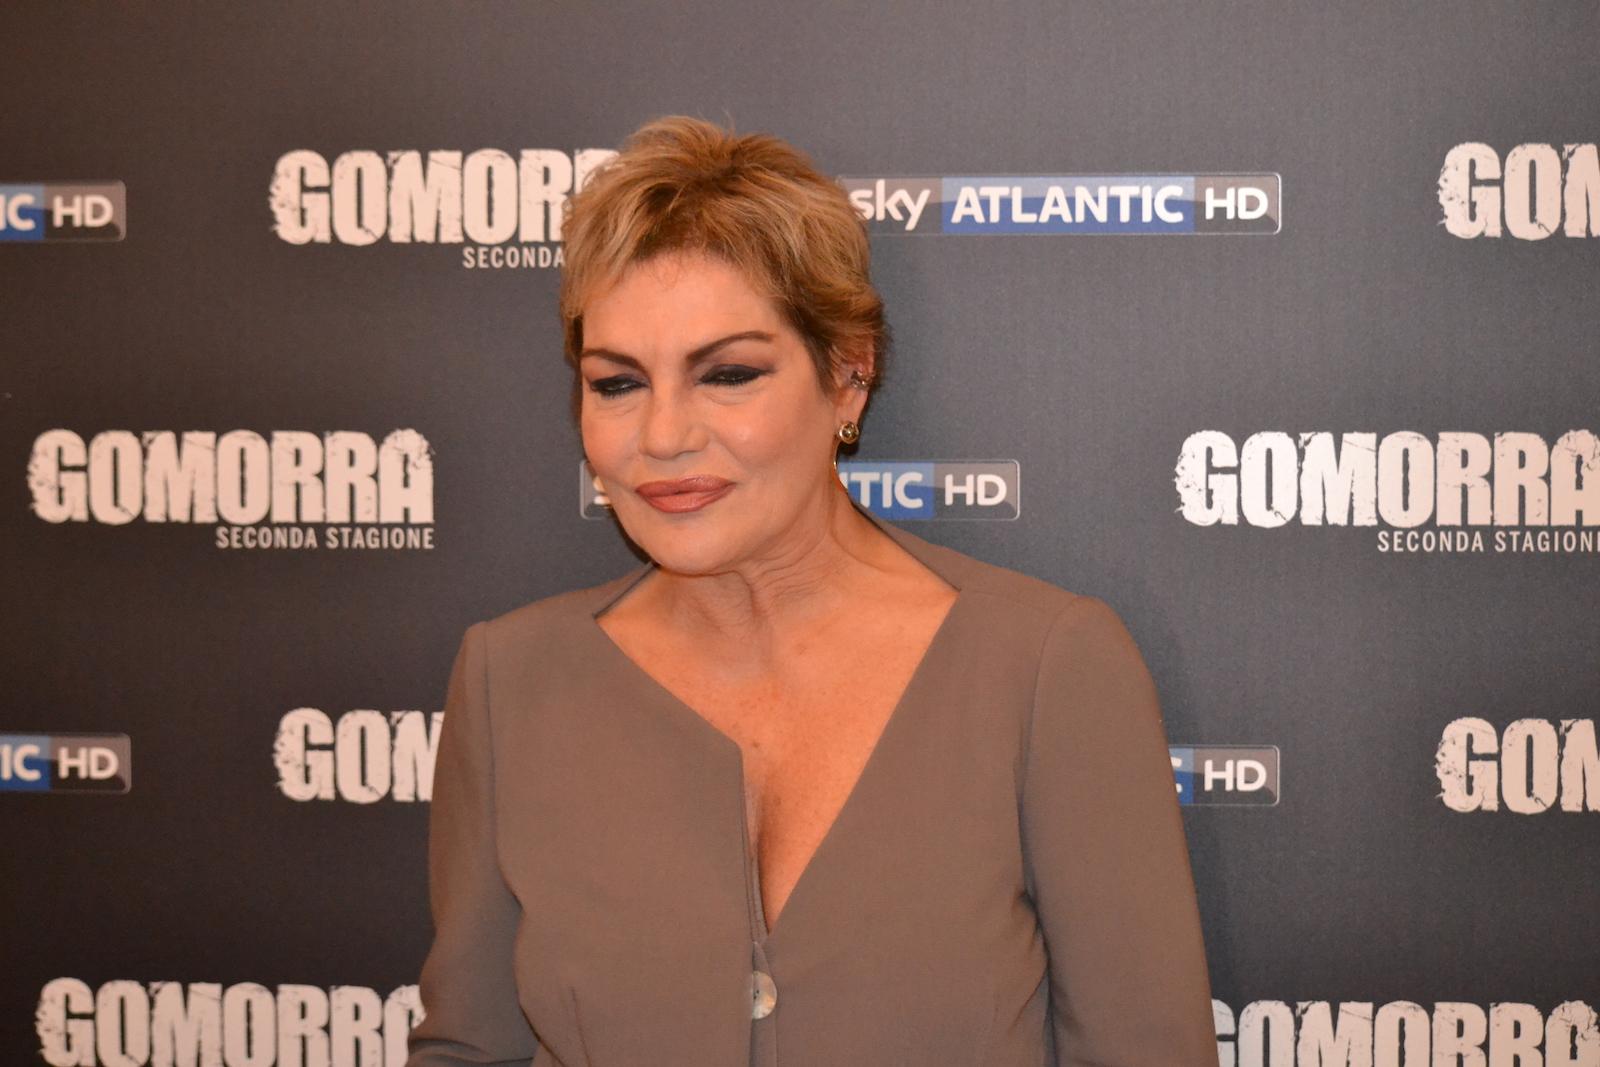 Gomorra seconda stagione: Cristina Donadio in uno scatto al photocall